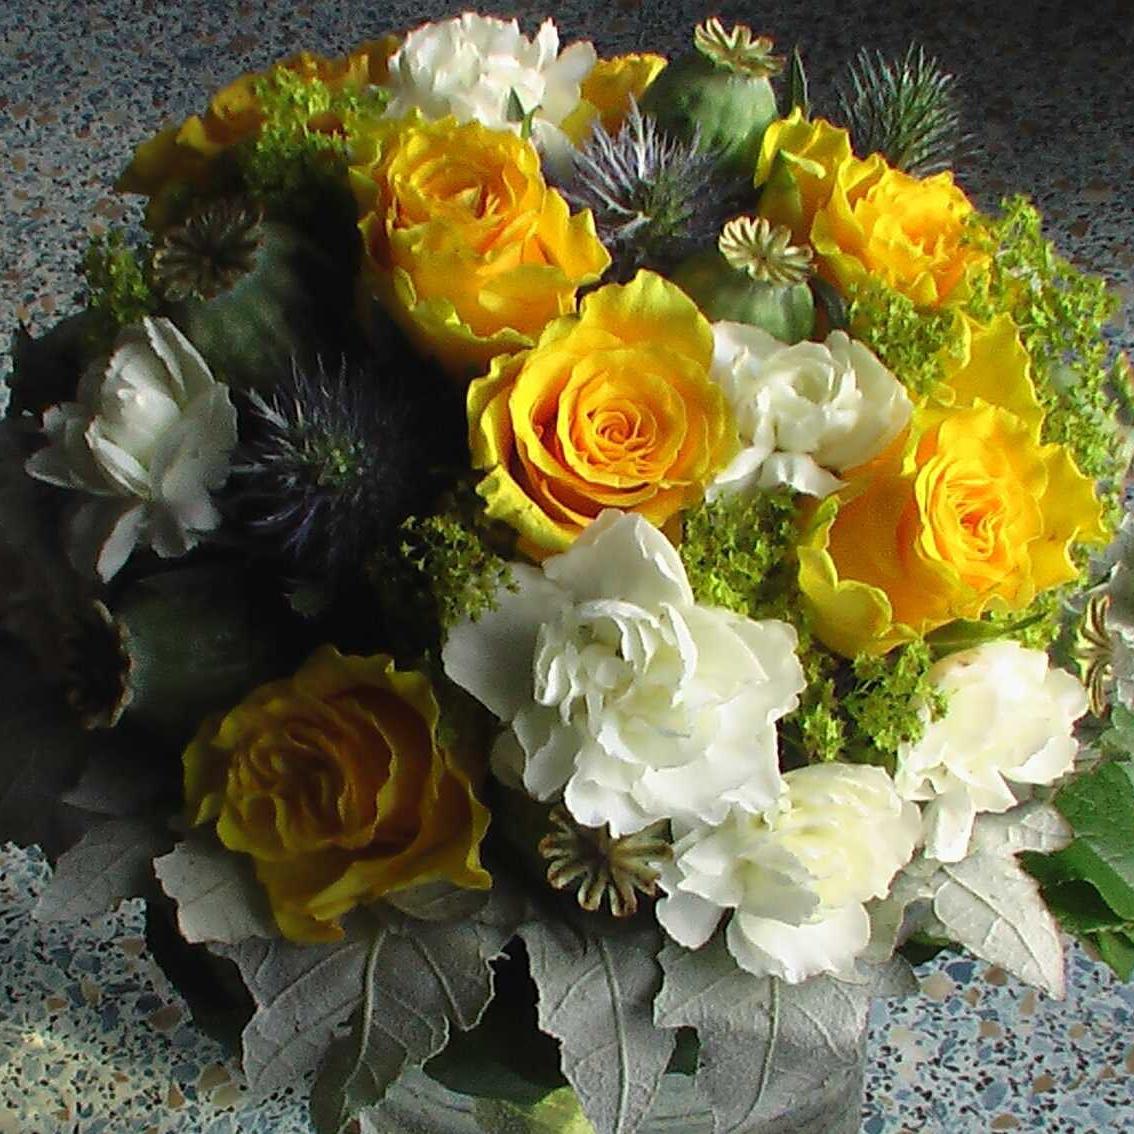 svatební kytice ze žlutých a bílých růží, alchemilly